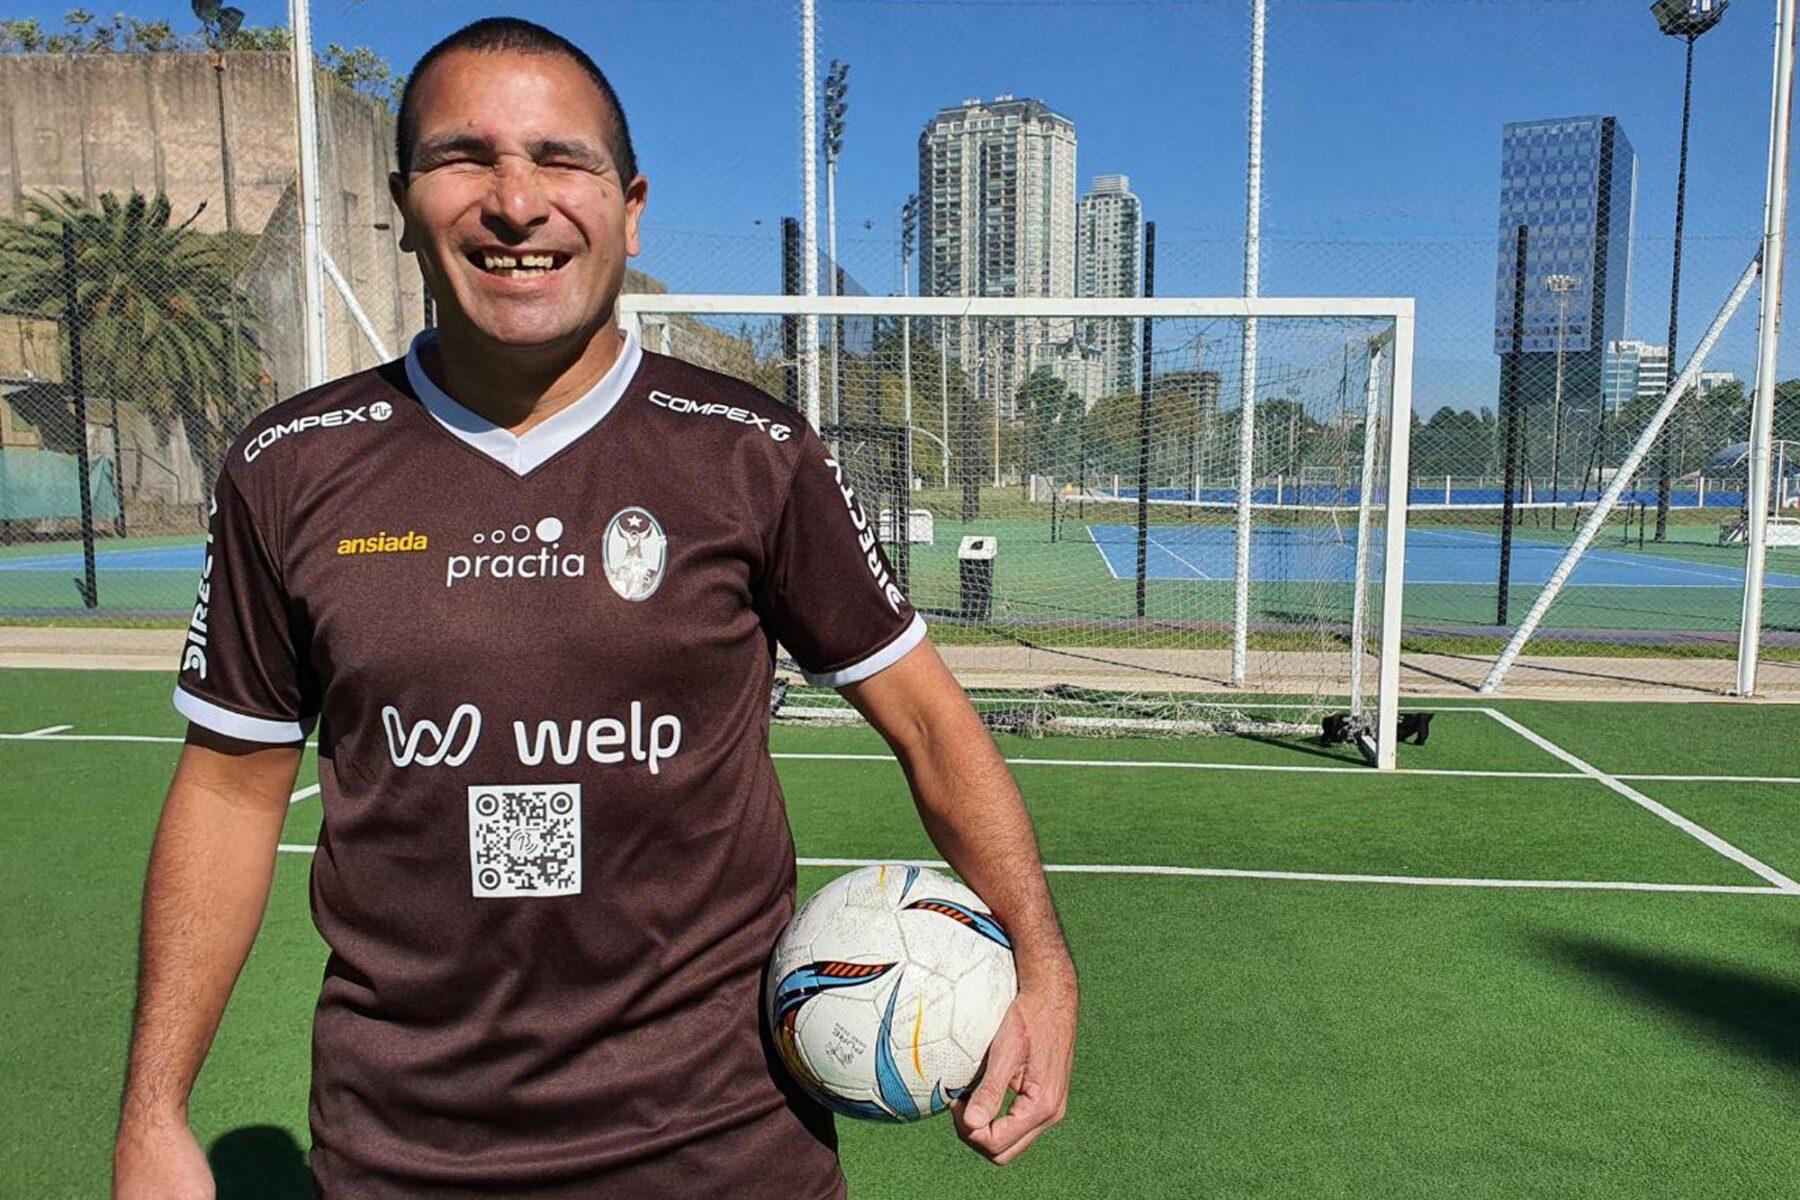 «Historia y desarrollo del fútbol para personas ciegas», a cargo de Silvio Velo